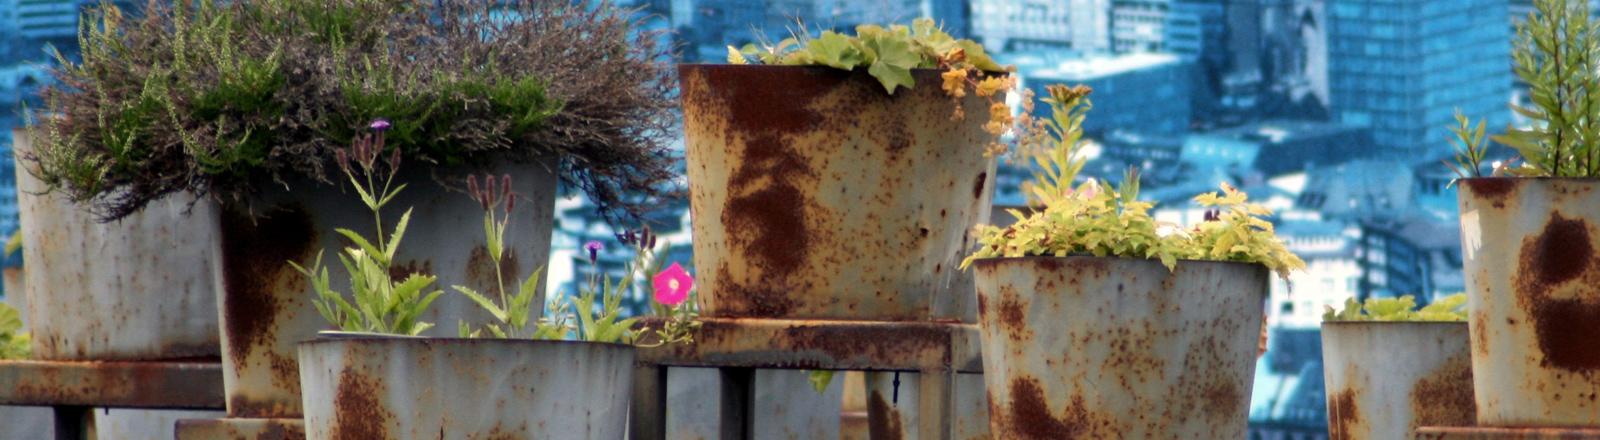 Pflanzenkübel über der Stadt